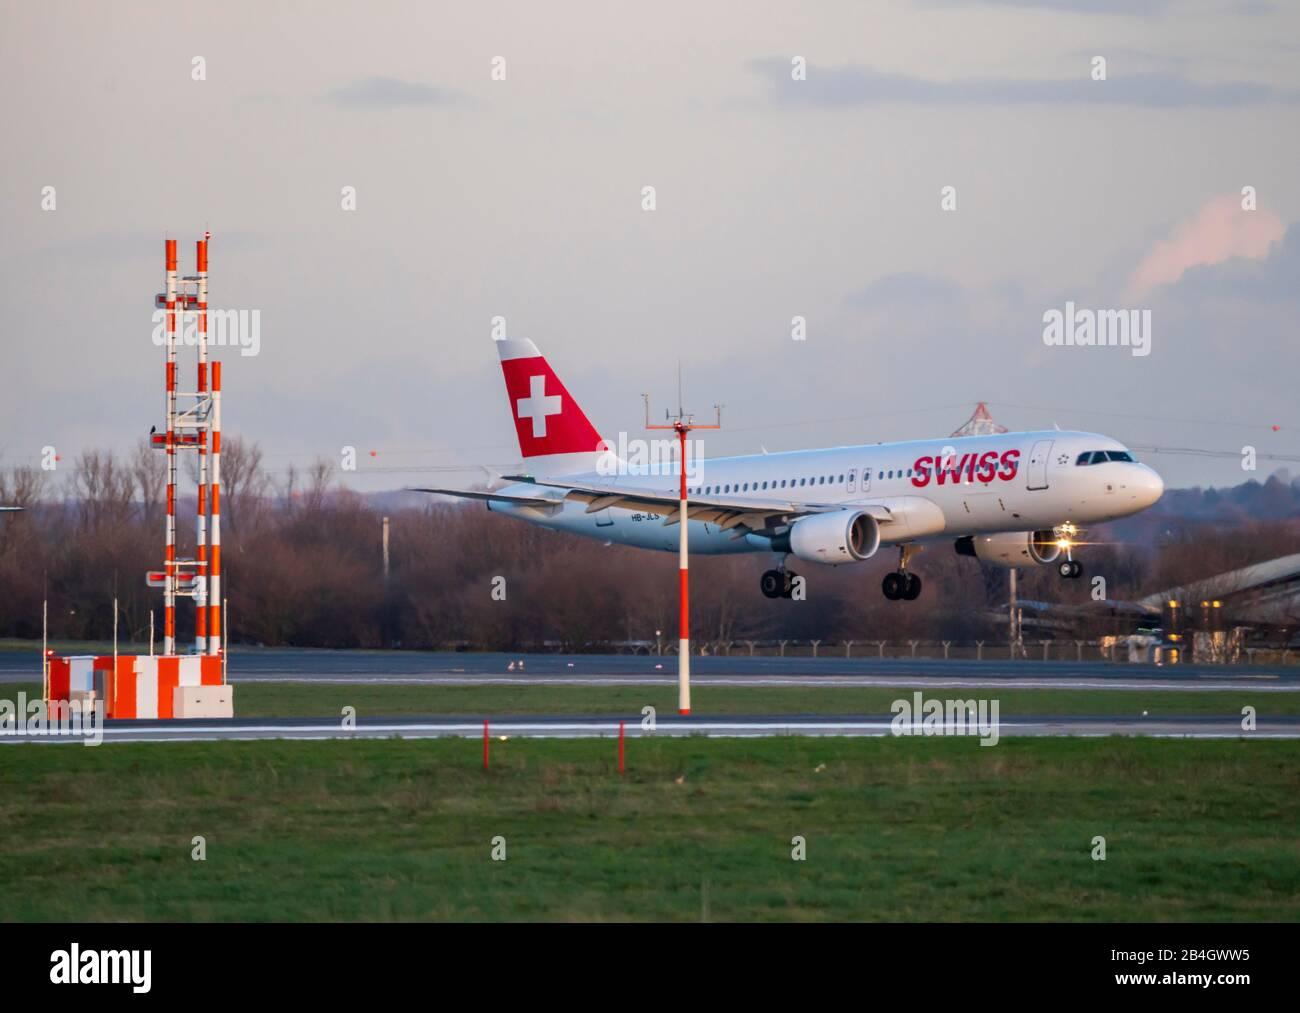 Aeropuerto Internacional de DŸsseldorf, DUS, avión de aterrizaje, SUIZA, Airbus, Foto de stock